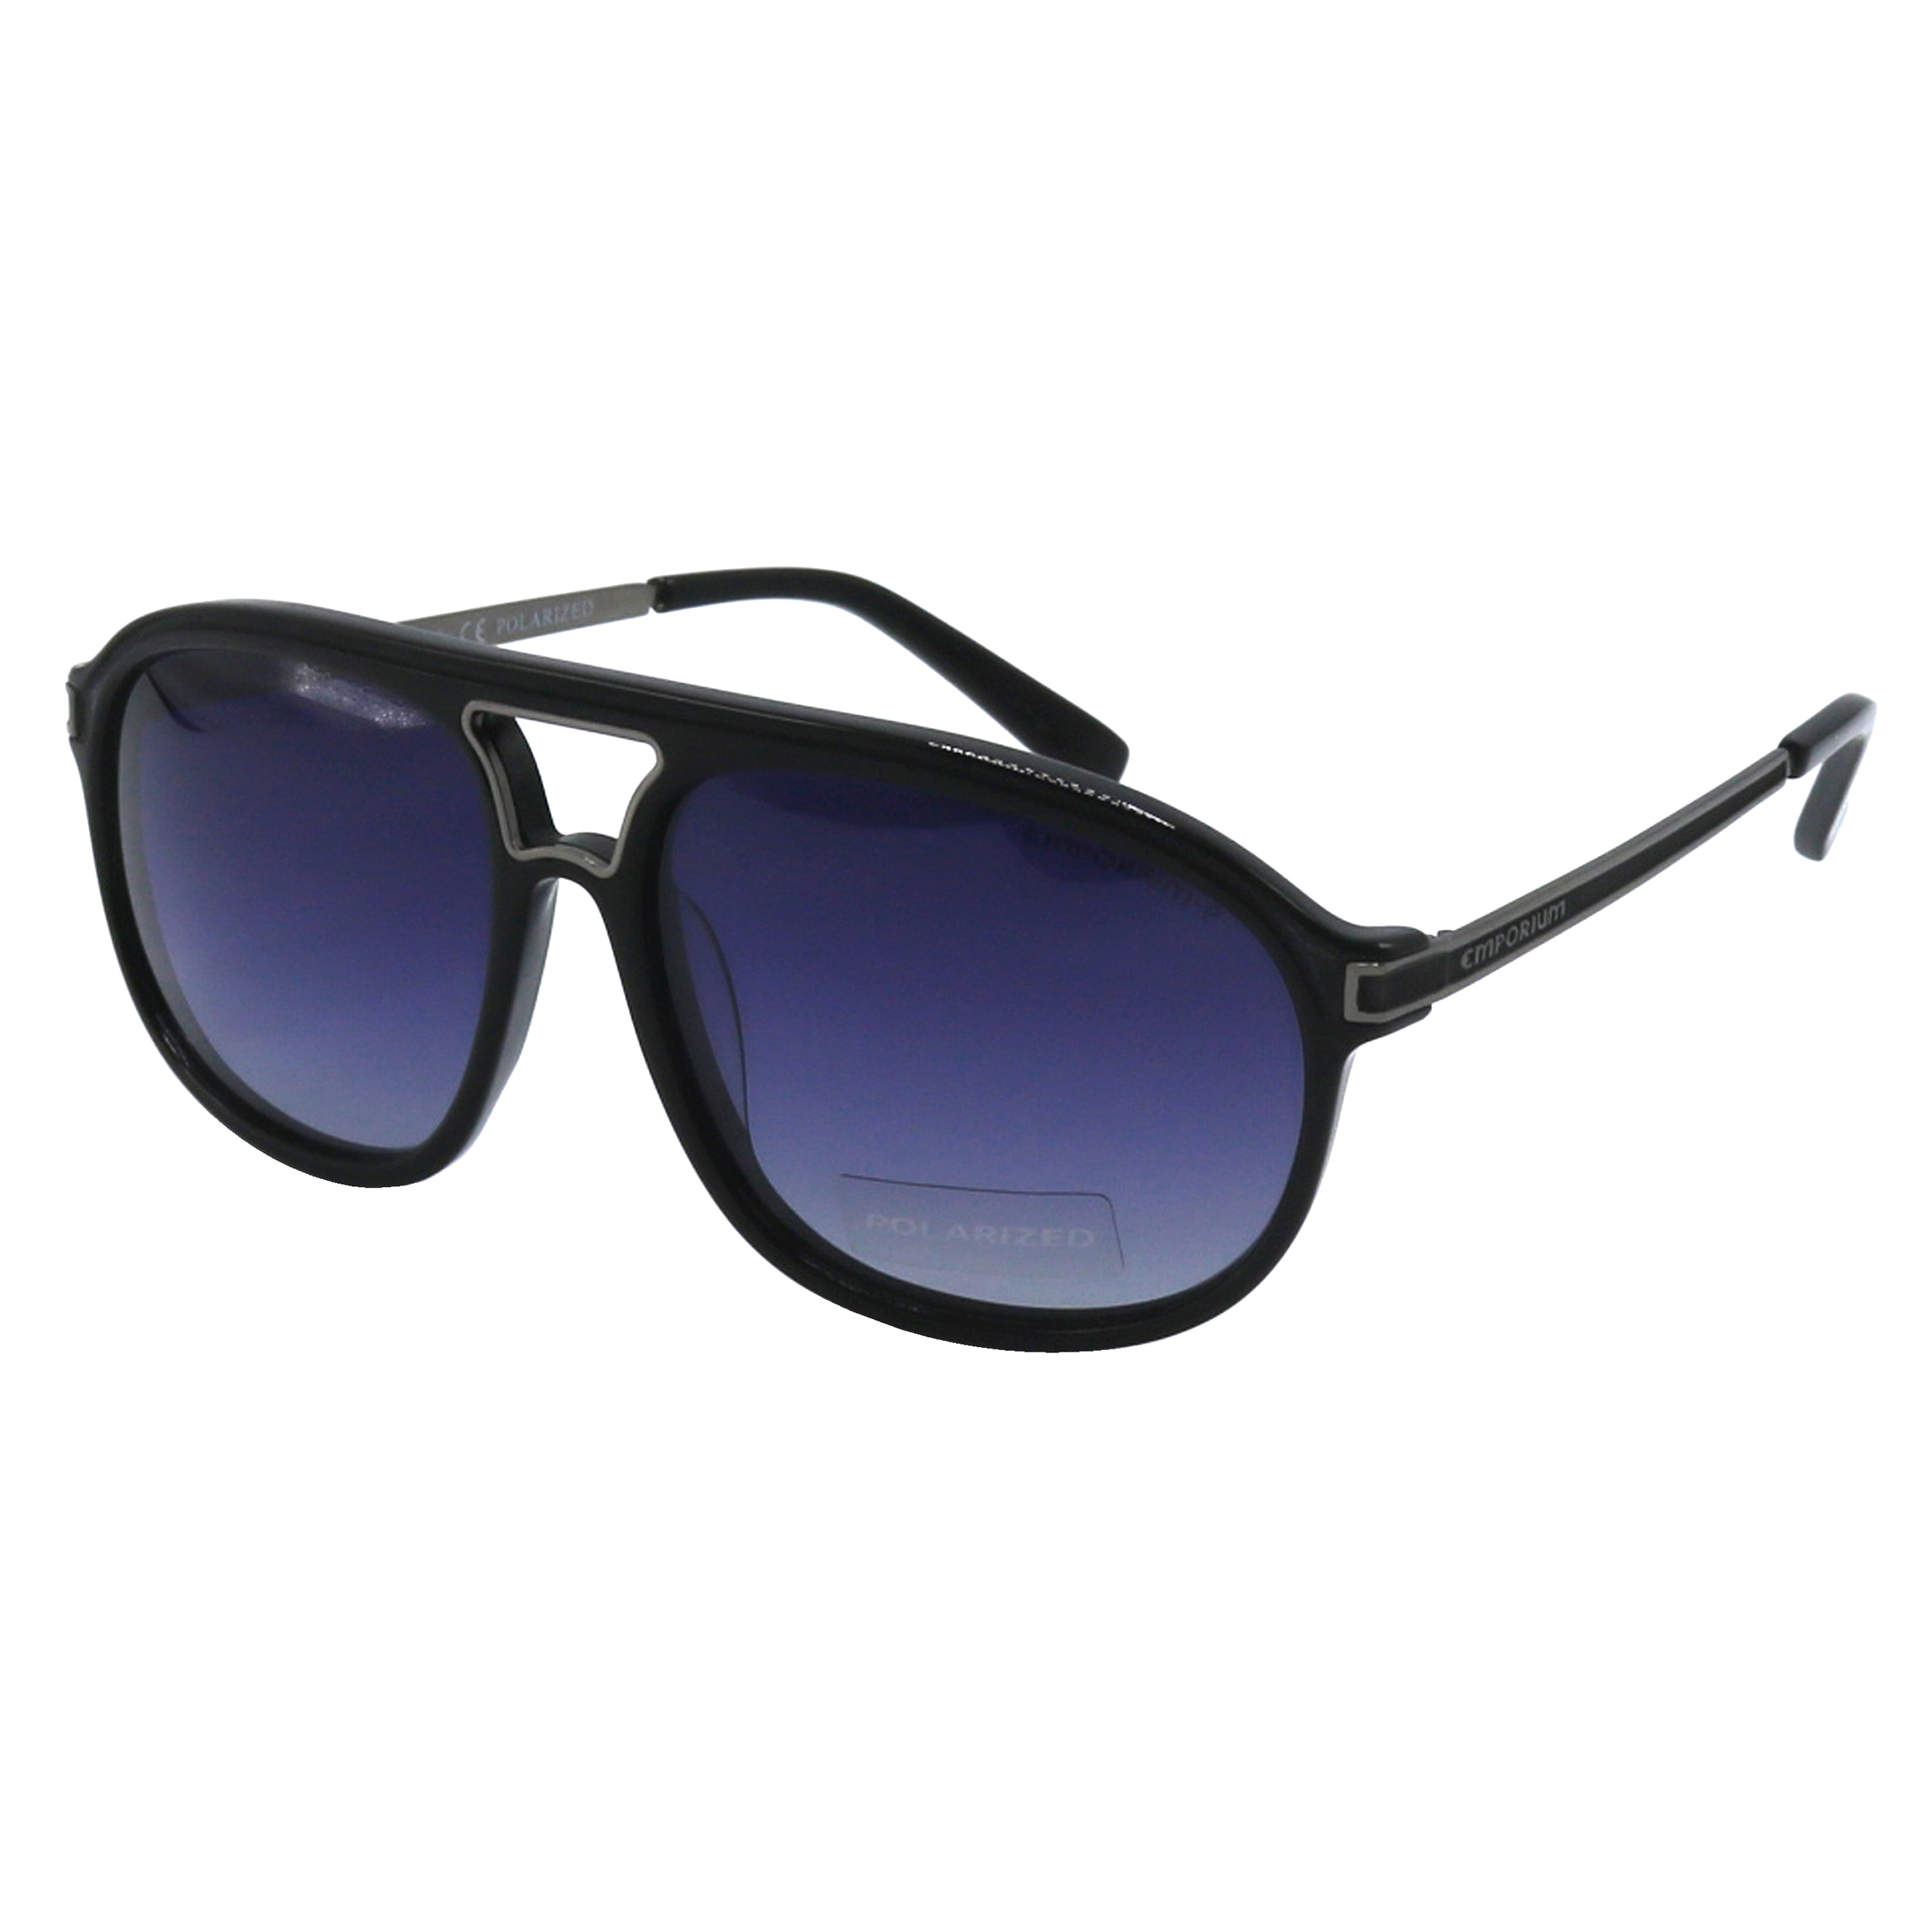 عینک آفتابی امپوریوم مدل 9333